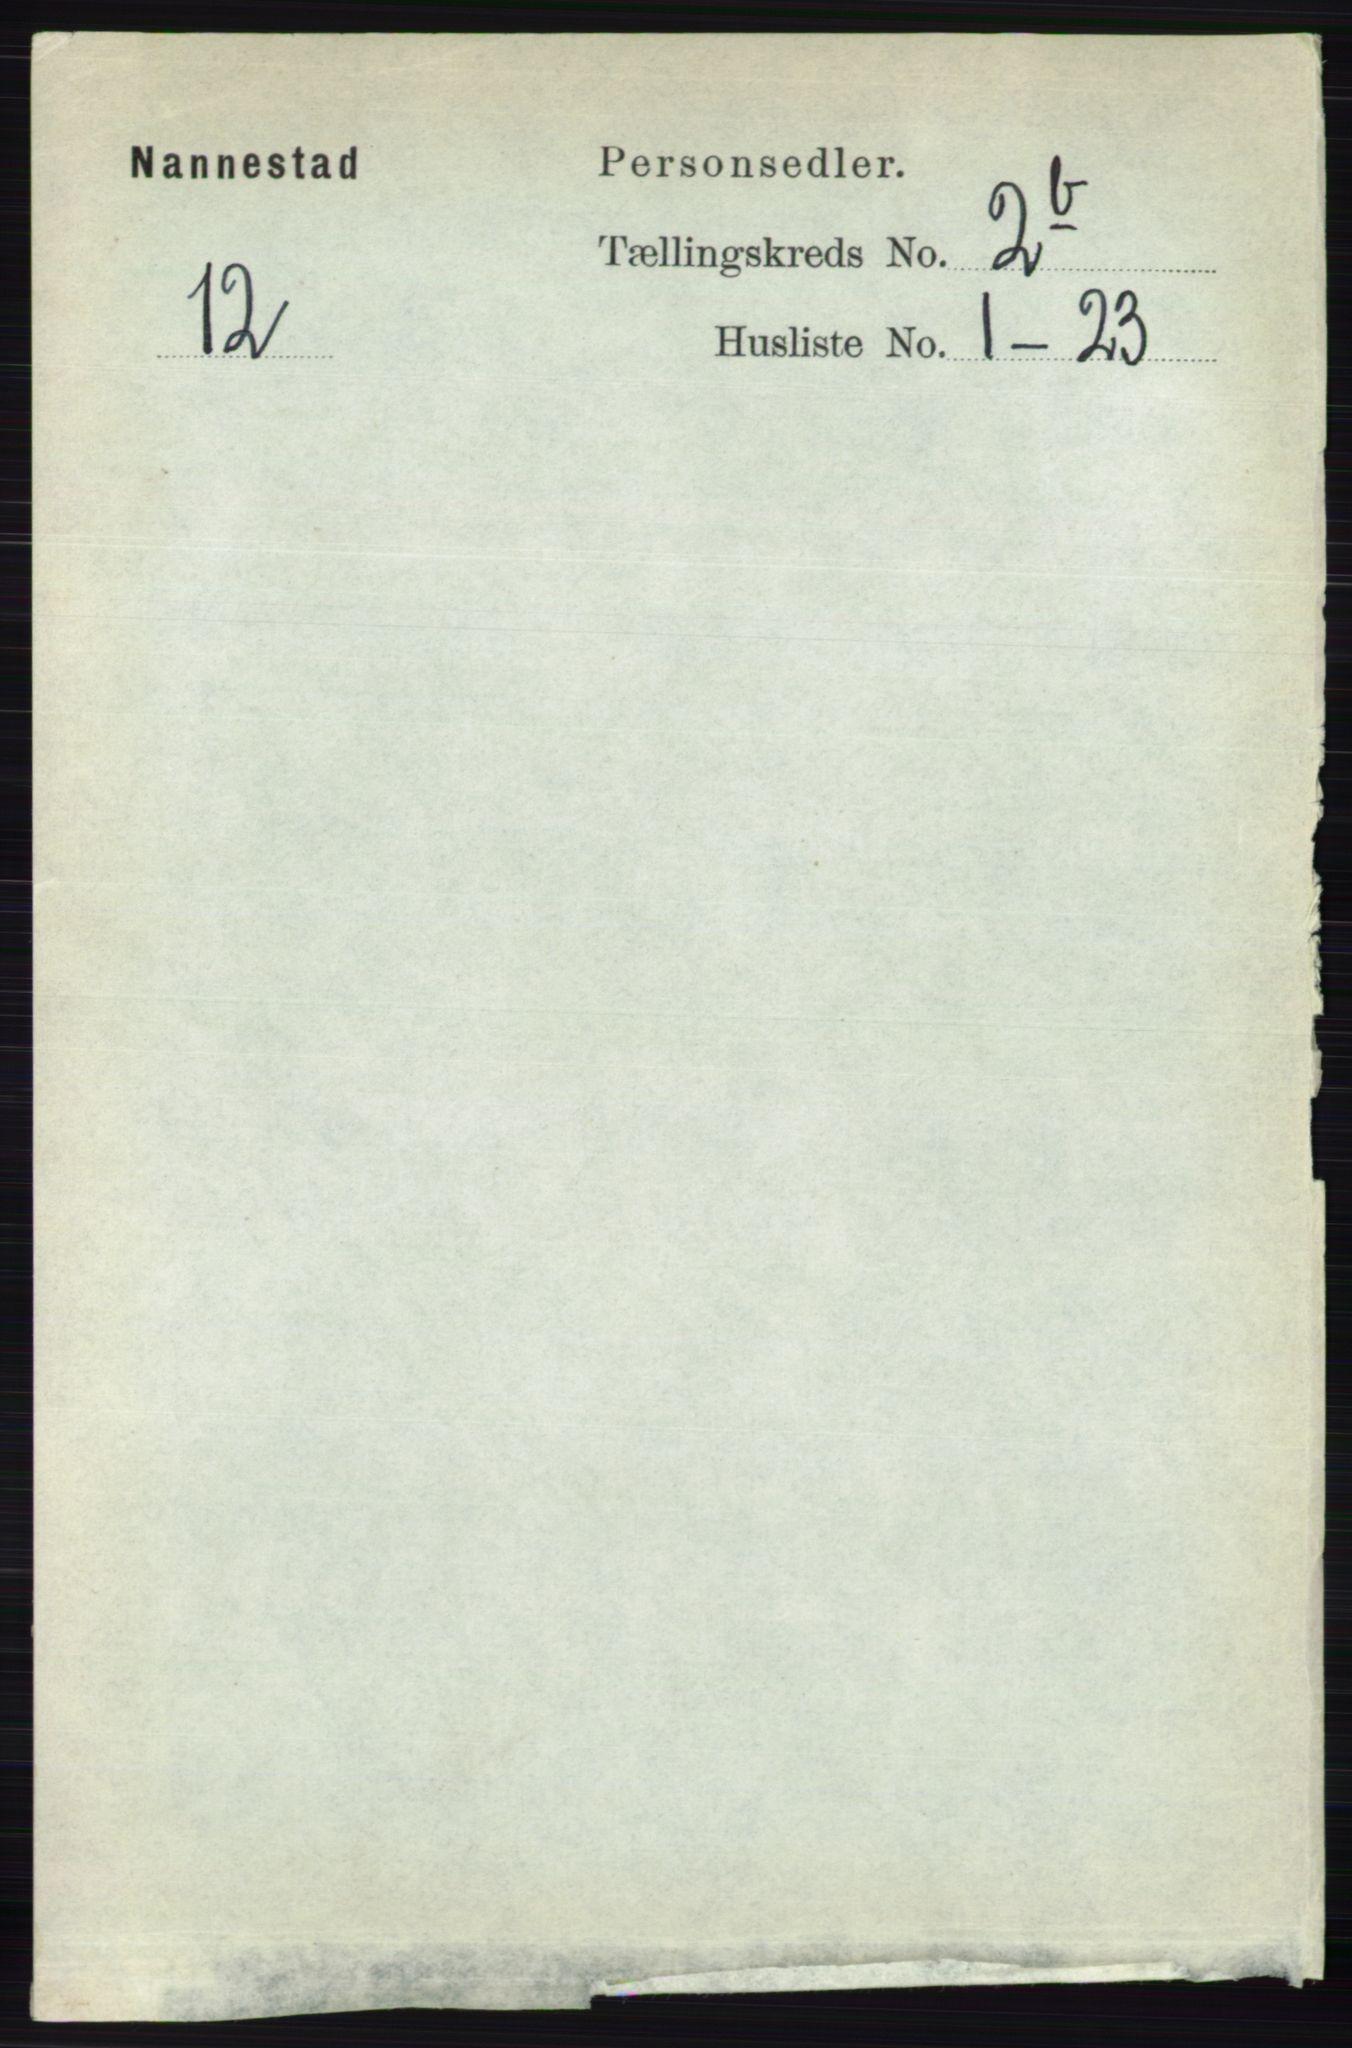 RA, Folketelling 1891 for 0238 Nannestad herred, 1891, s. 1155